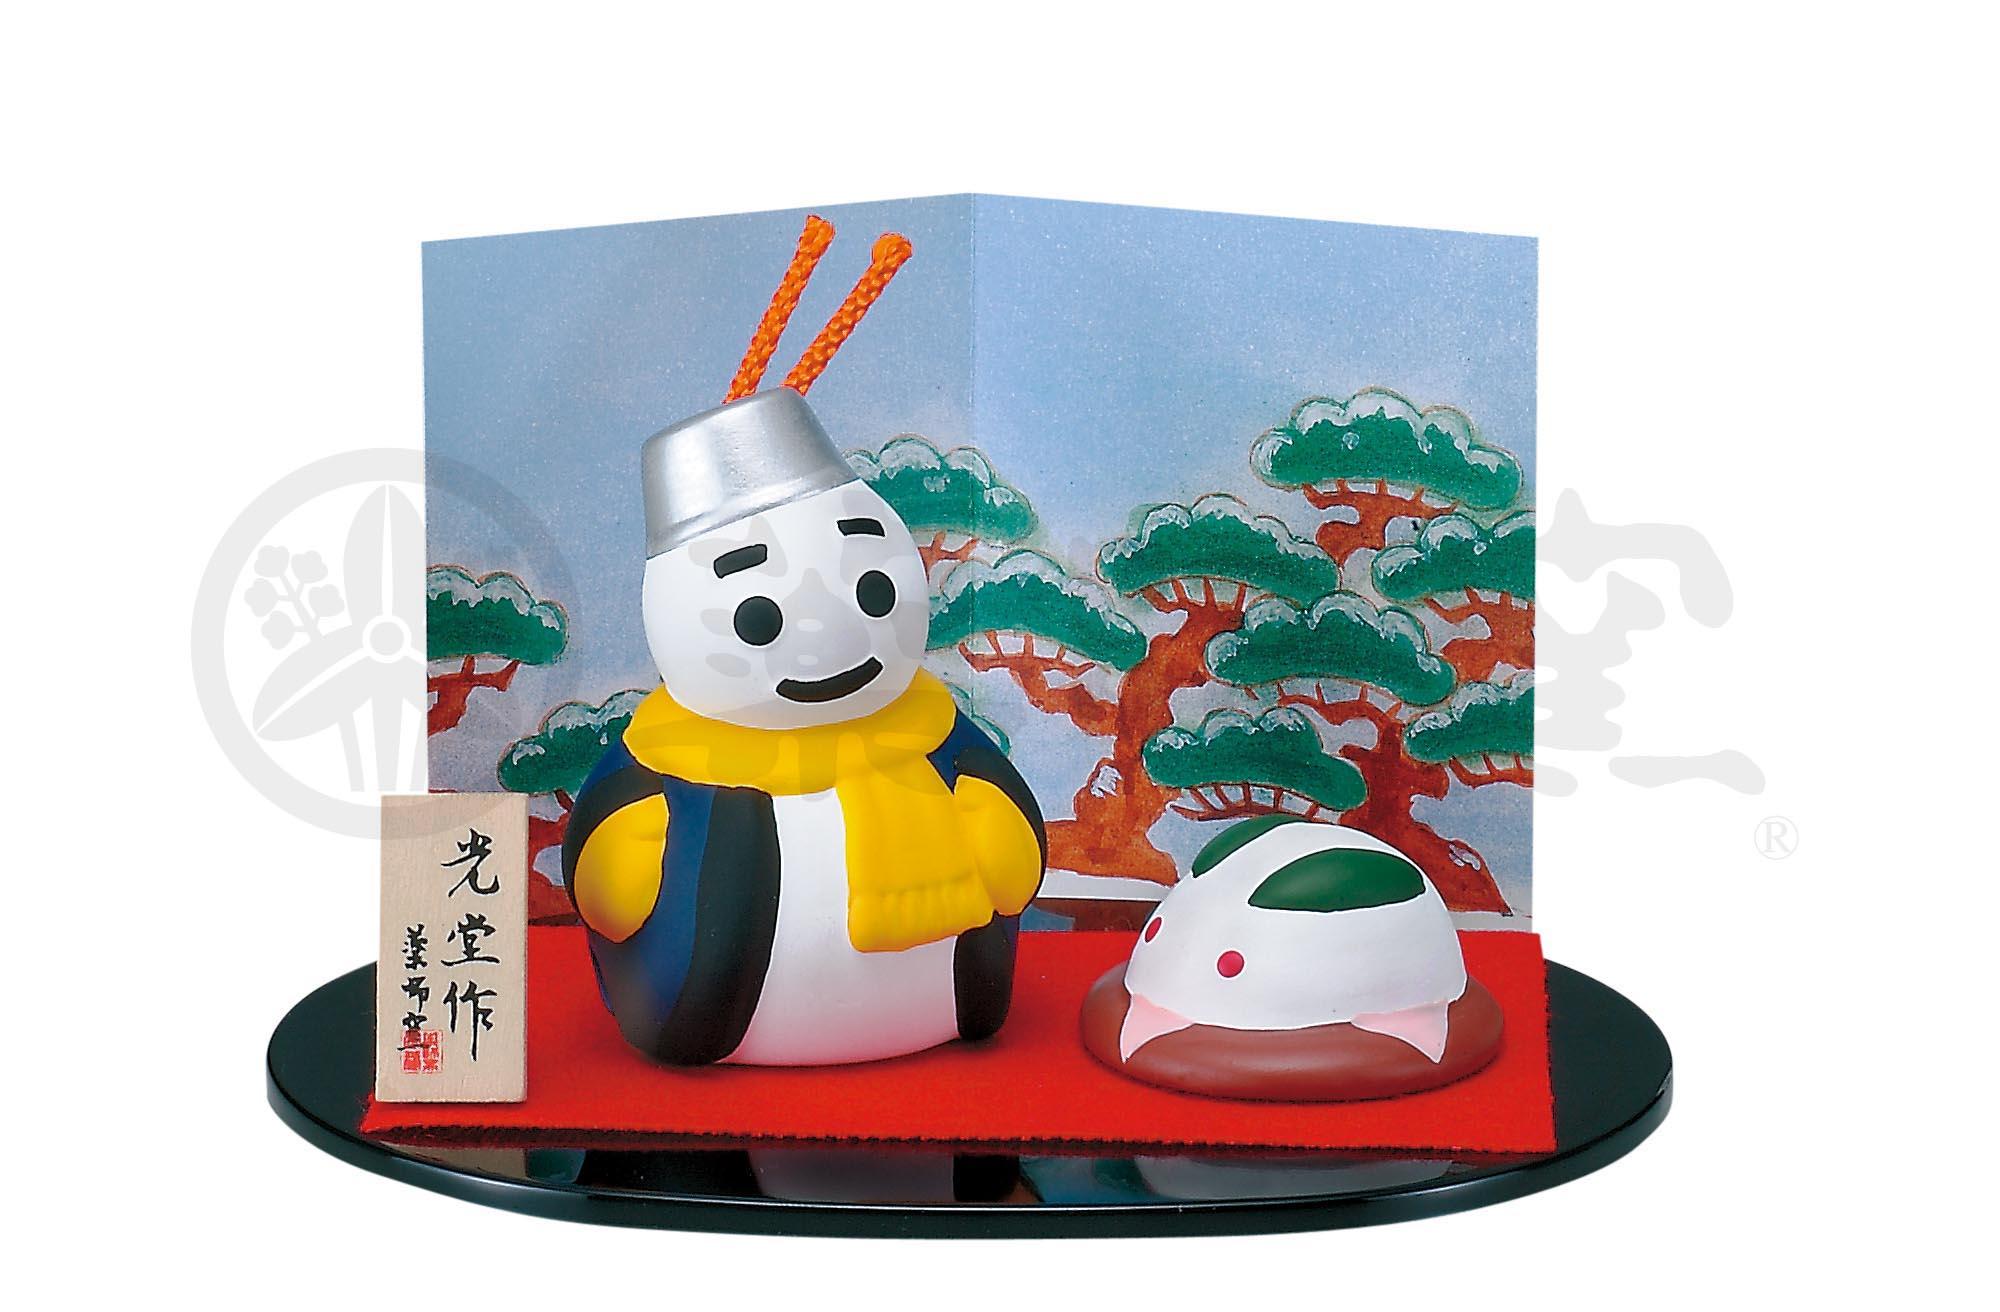 1134錦彩雪だるま飾り(土鈴)